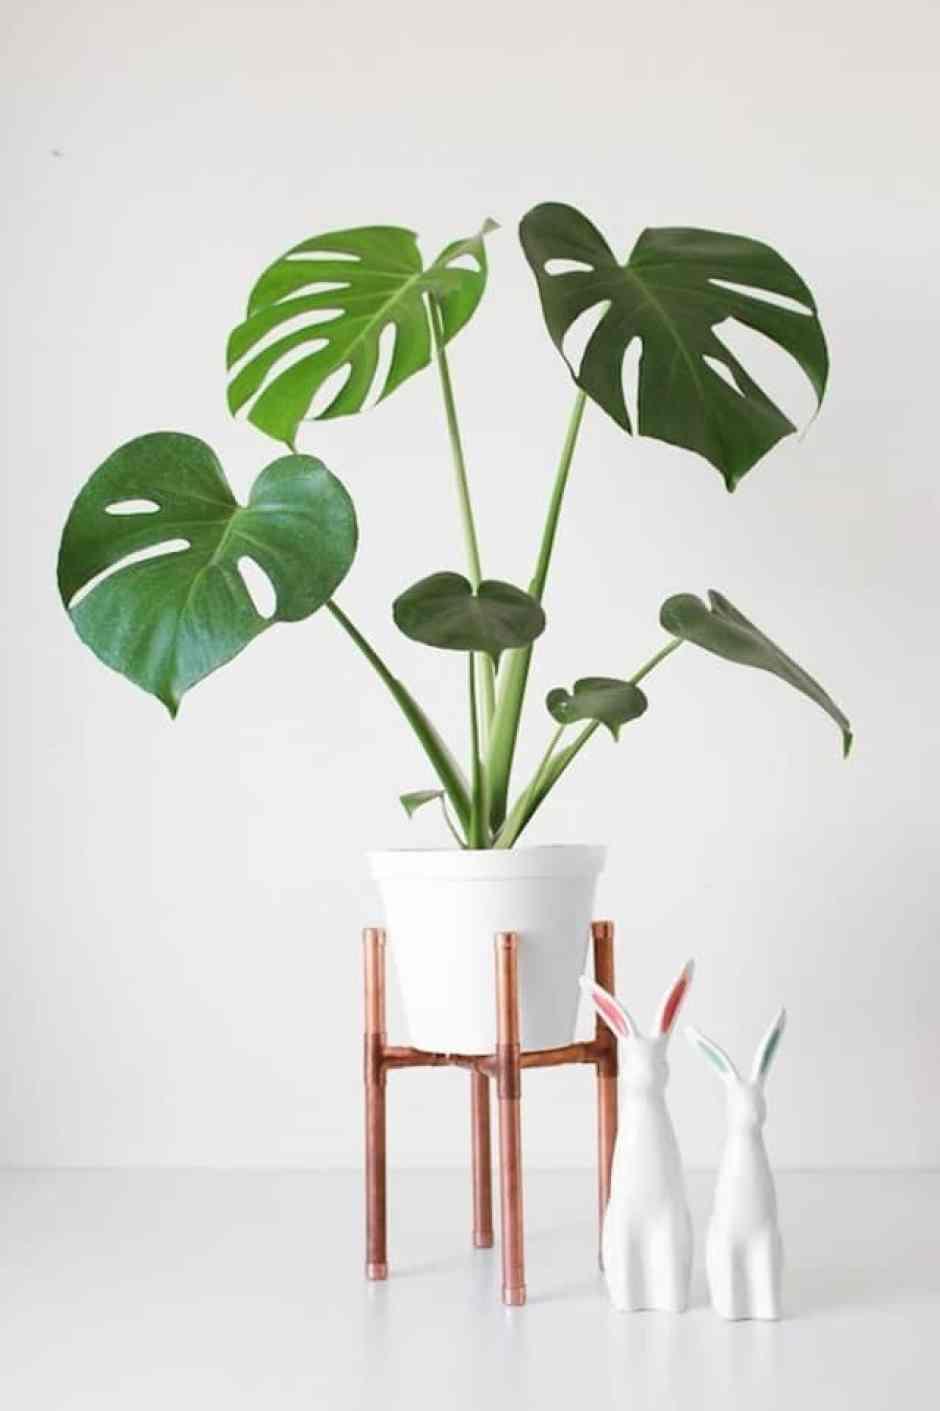 Supporto in rame per il vaso della pianta